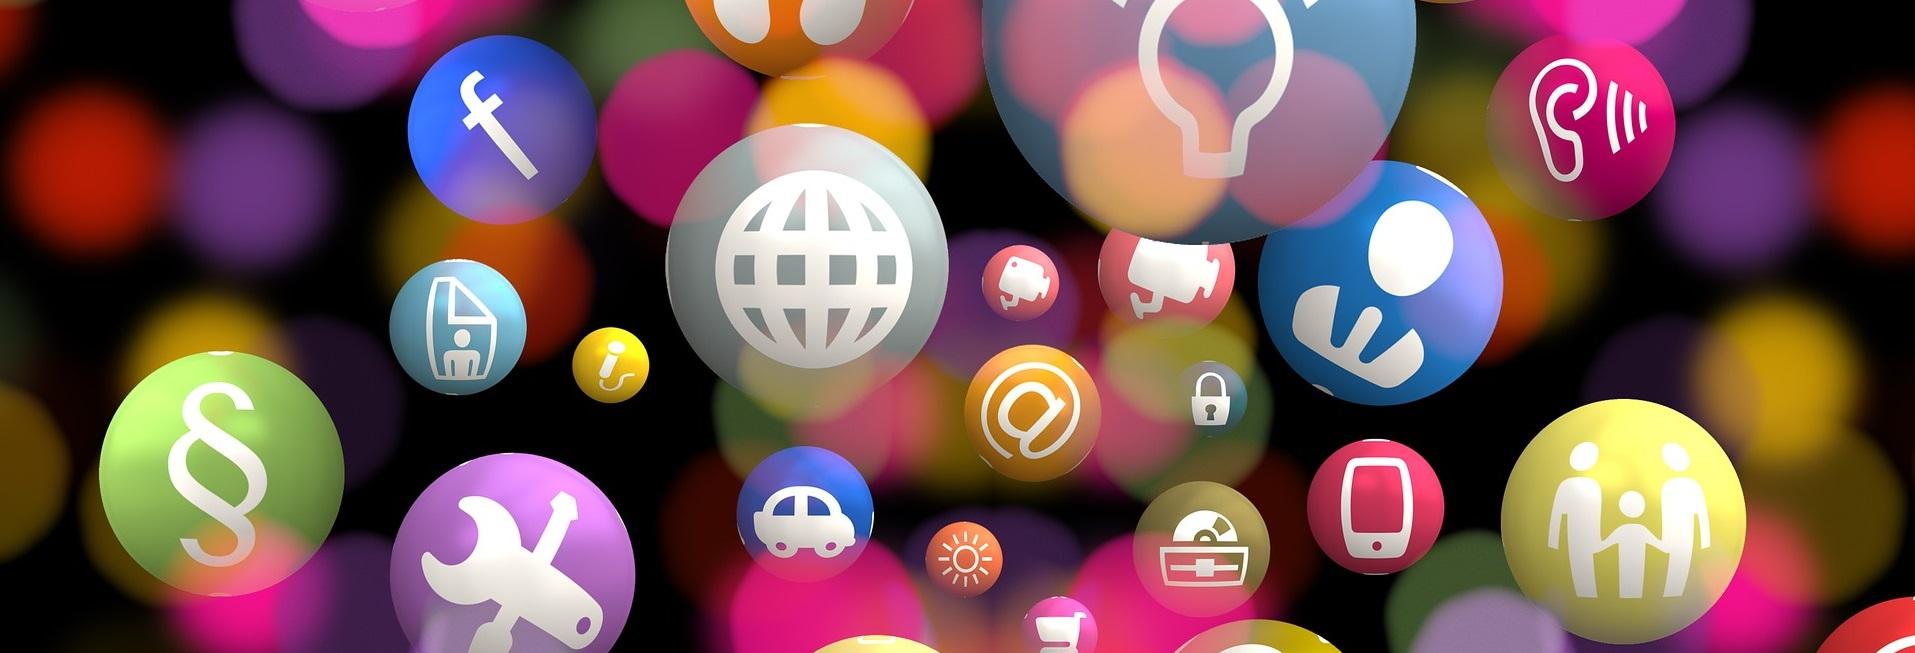 Apps - unsere kleinen großen Helfer